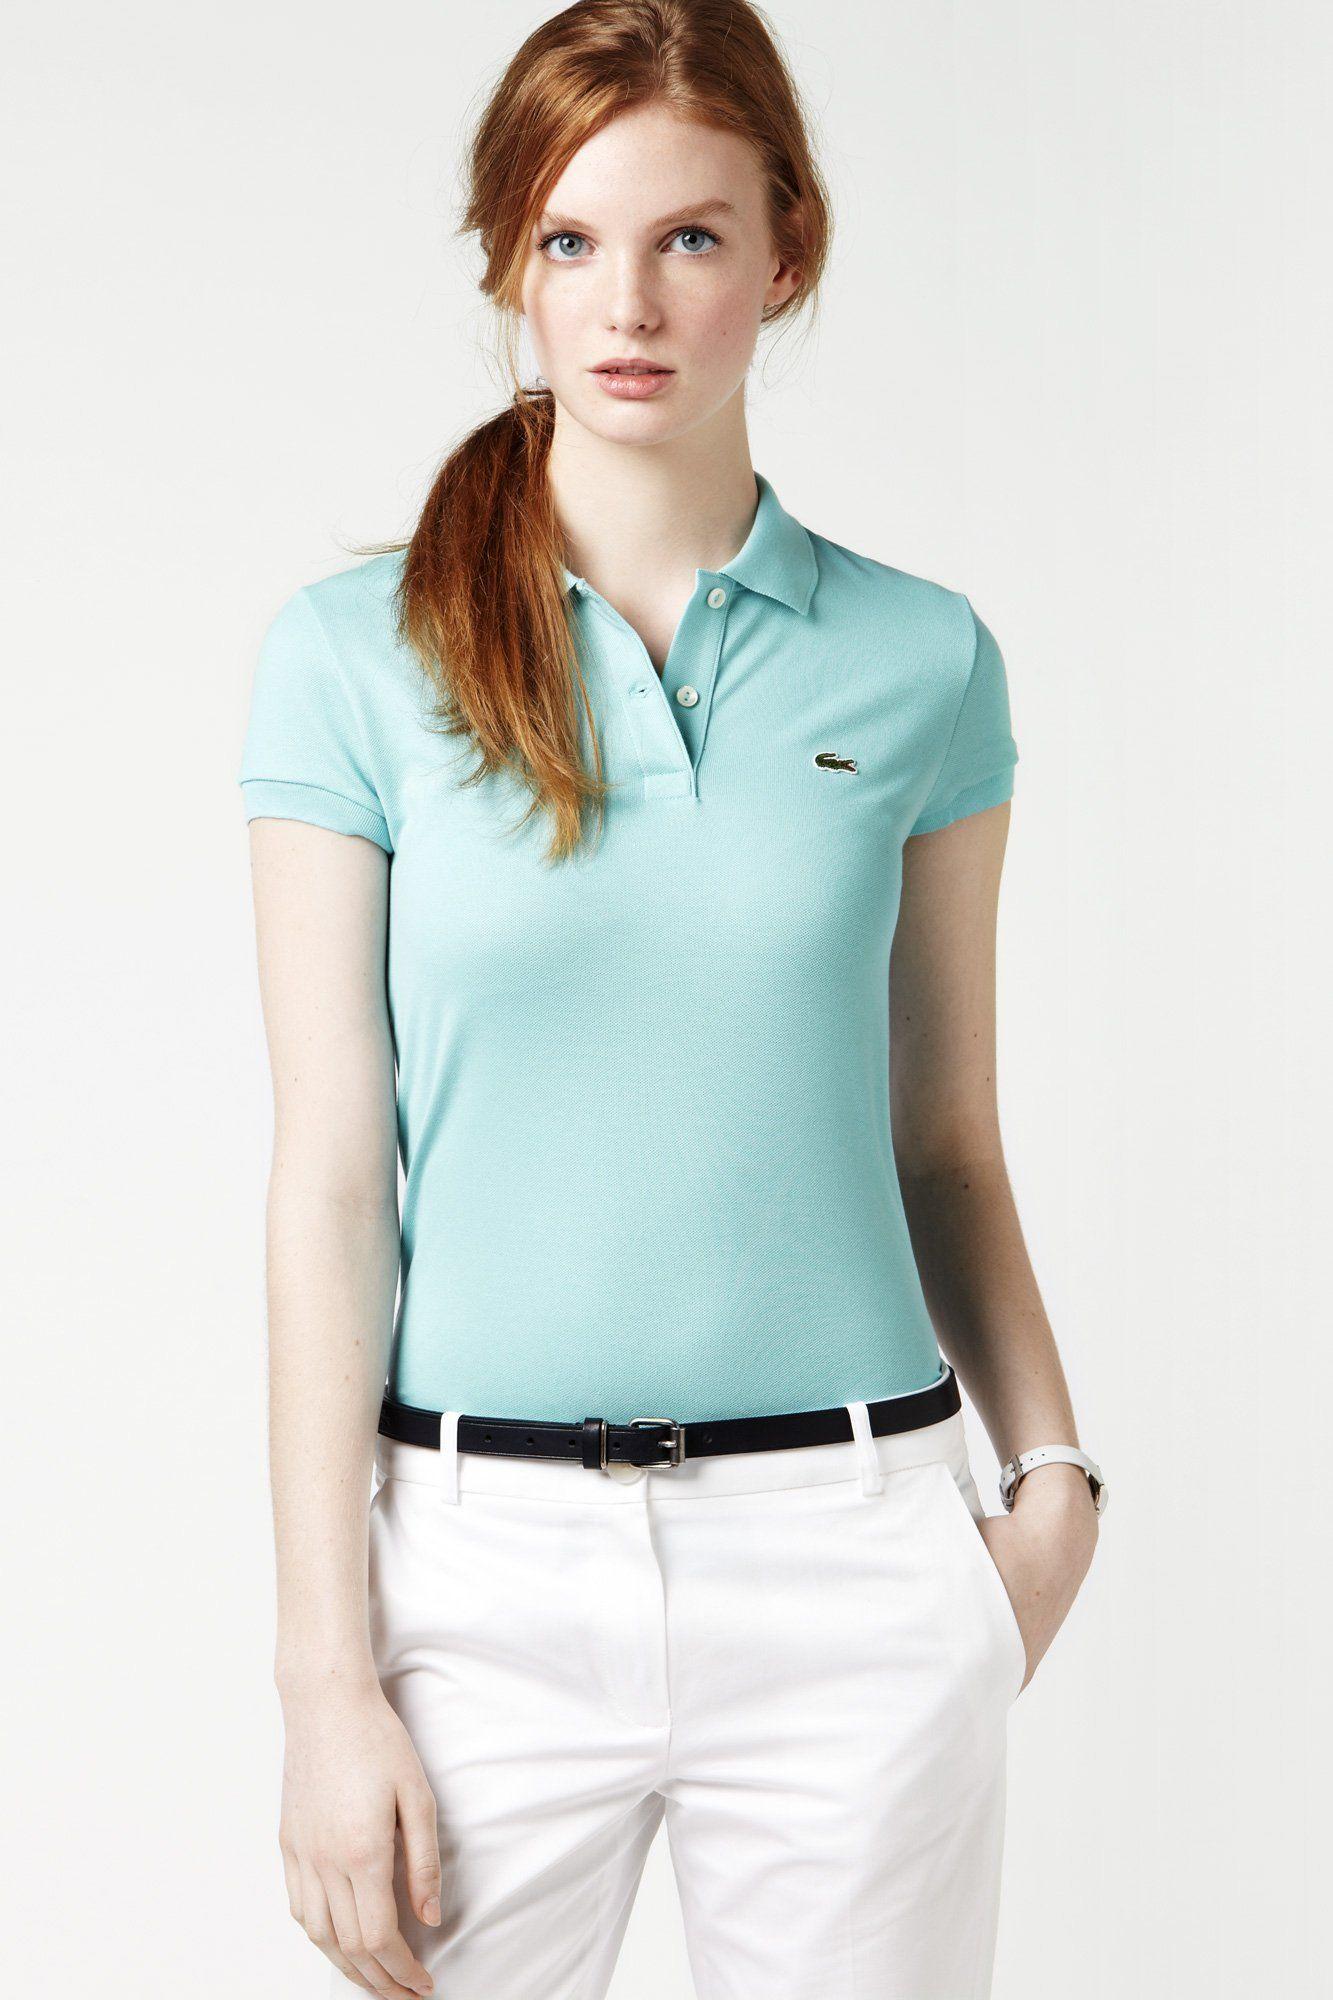 fee652adaeeae Polos Camiseta Lacoste, Pantalón Dama, Pantalones Blancos, Camisas, Blusas,  Vestimentas,